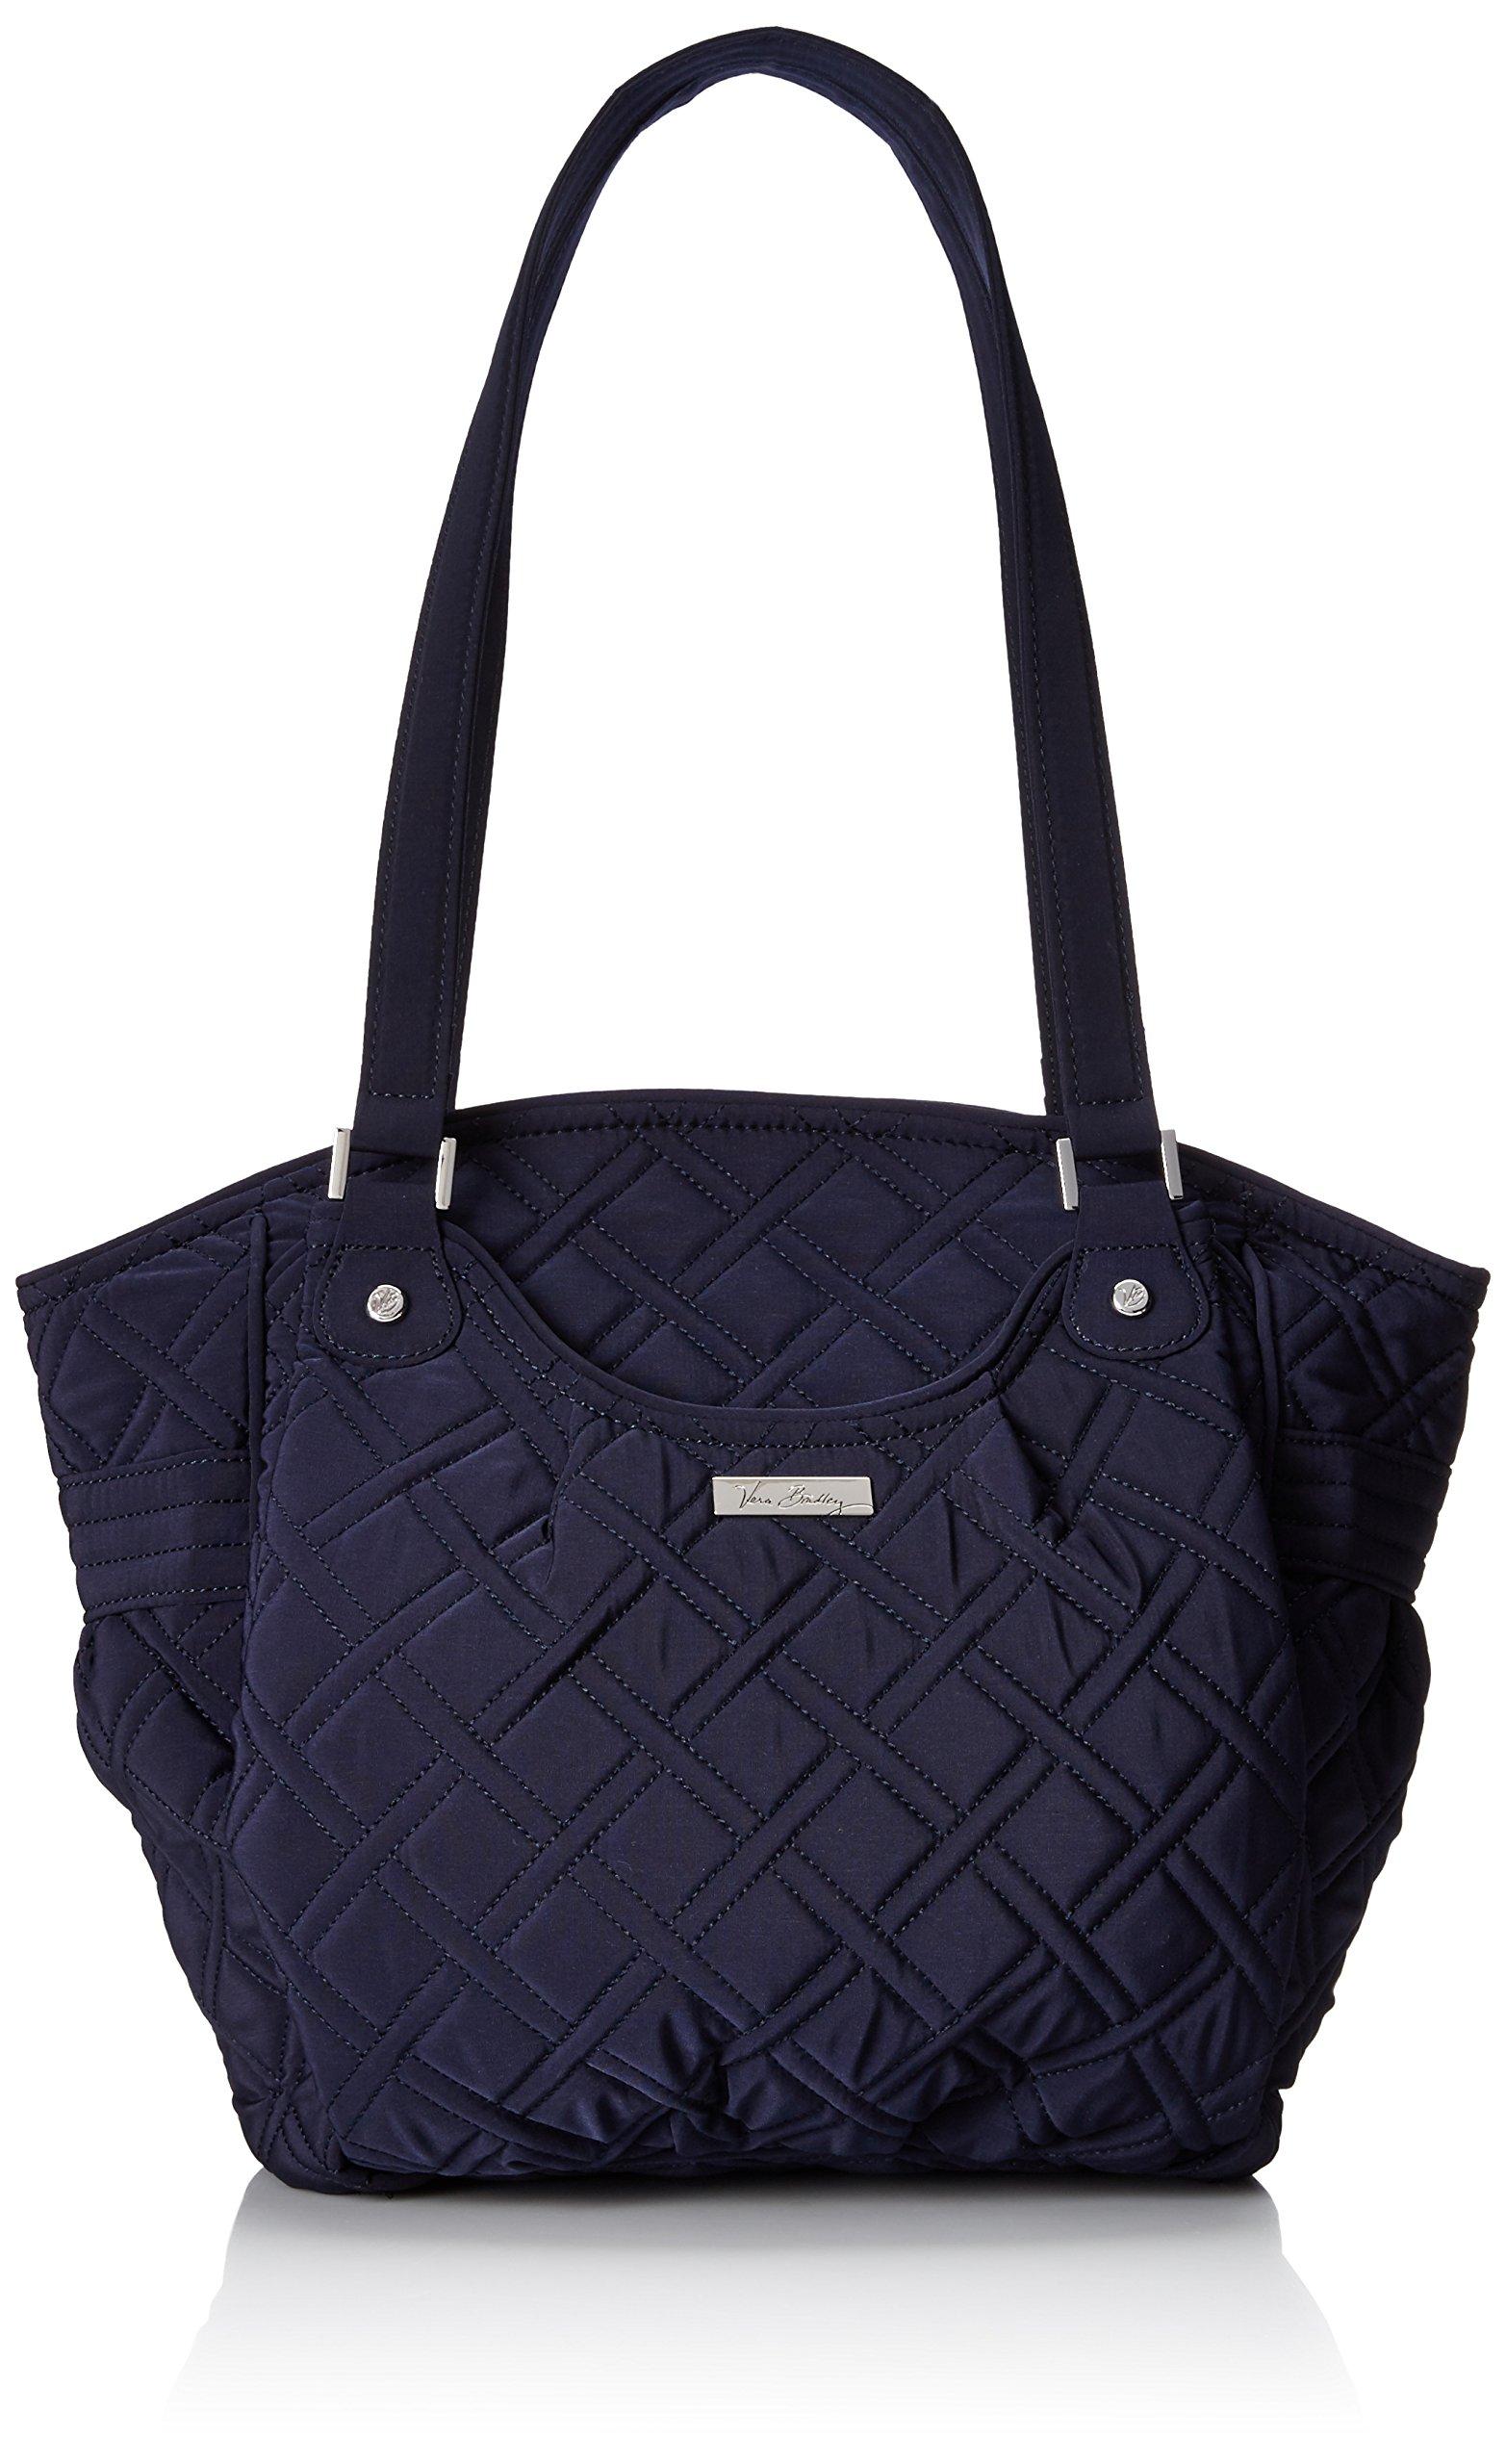 Vera Bradley Glenna 2 Shoulder Bag, Classic Navy, One Size by Vera Bradley (Image #1)